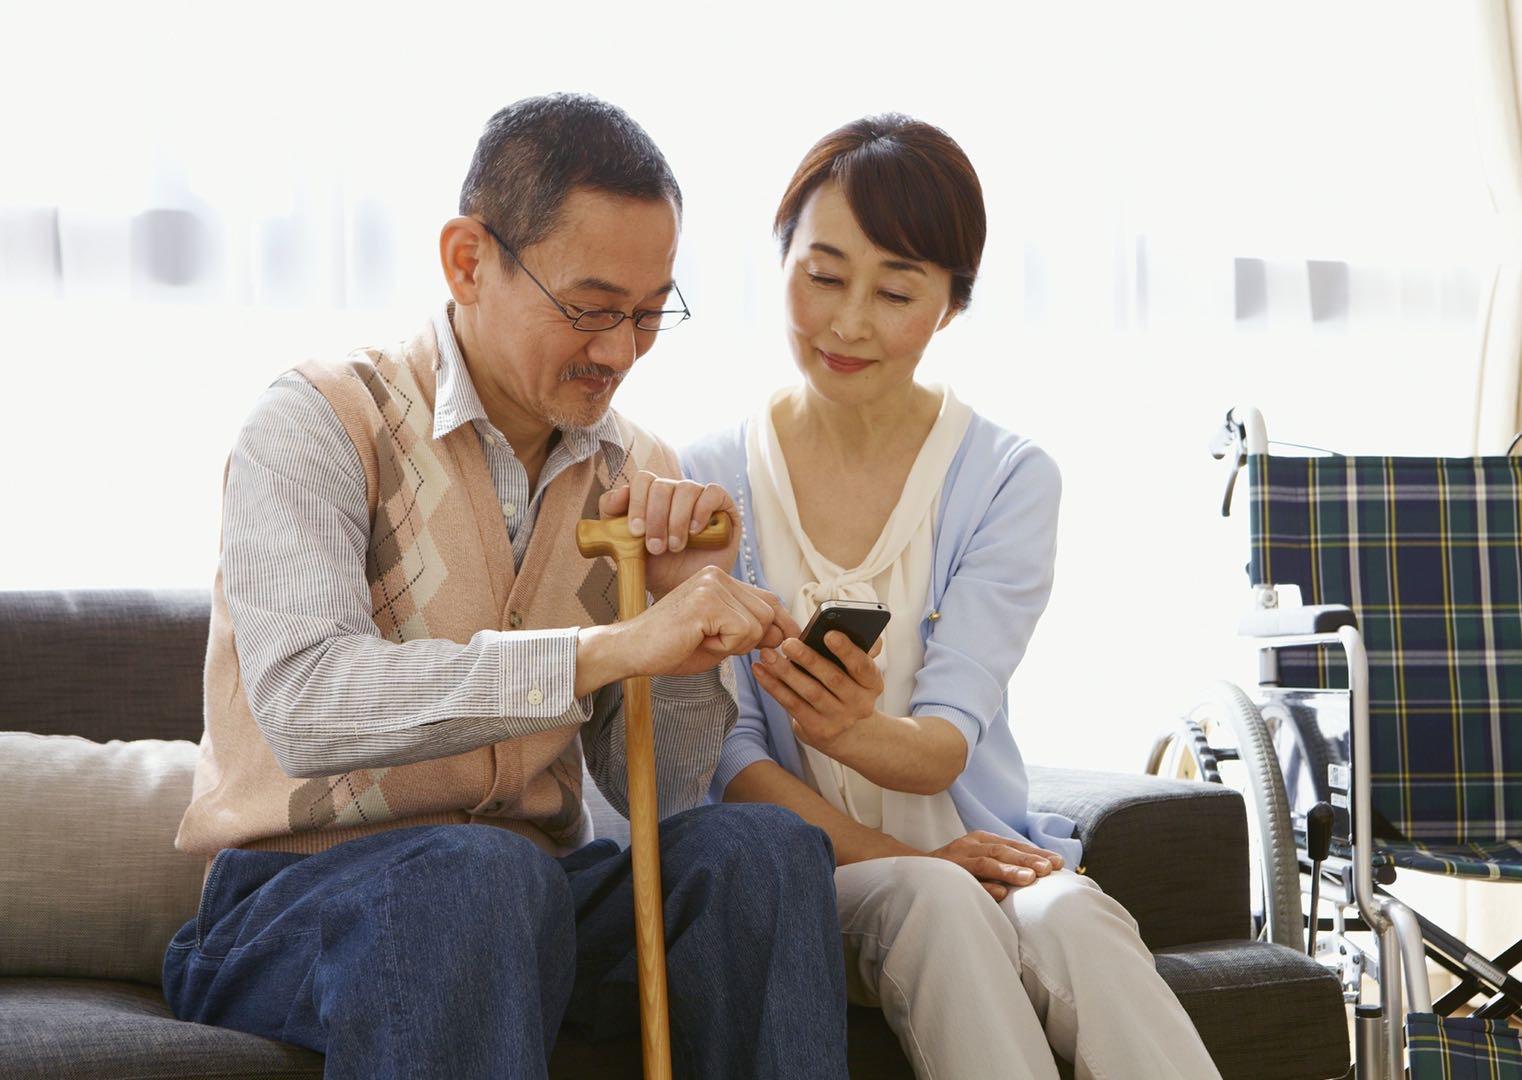 快評|推動社會對老年人更友好,關乎你我的未來